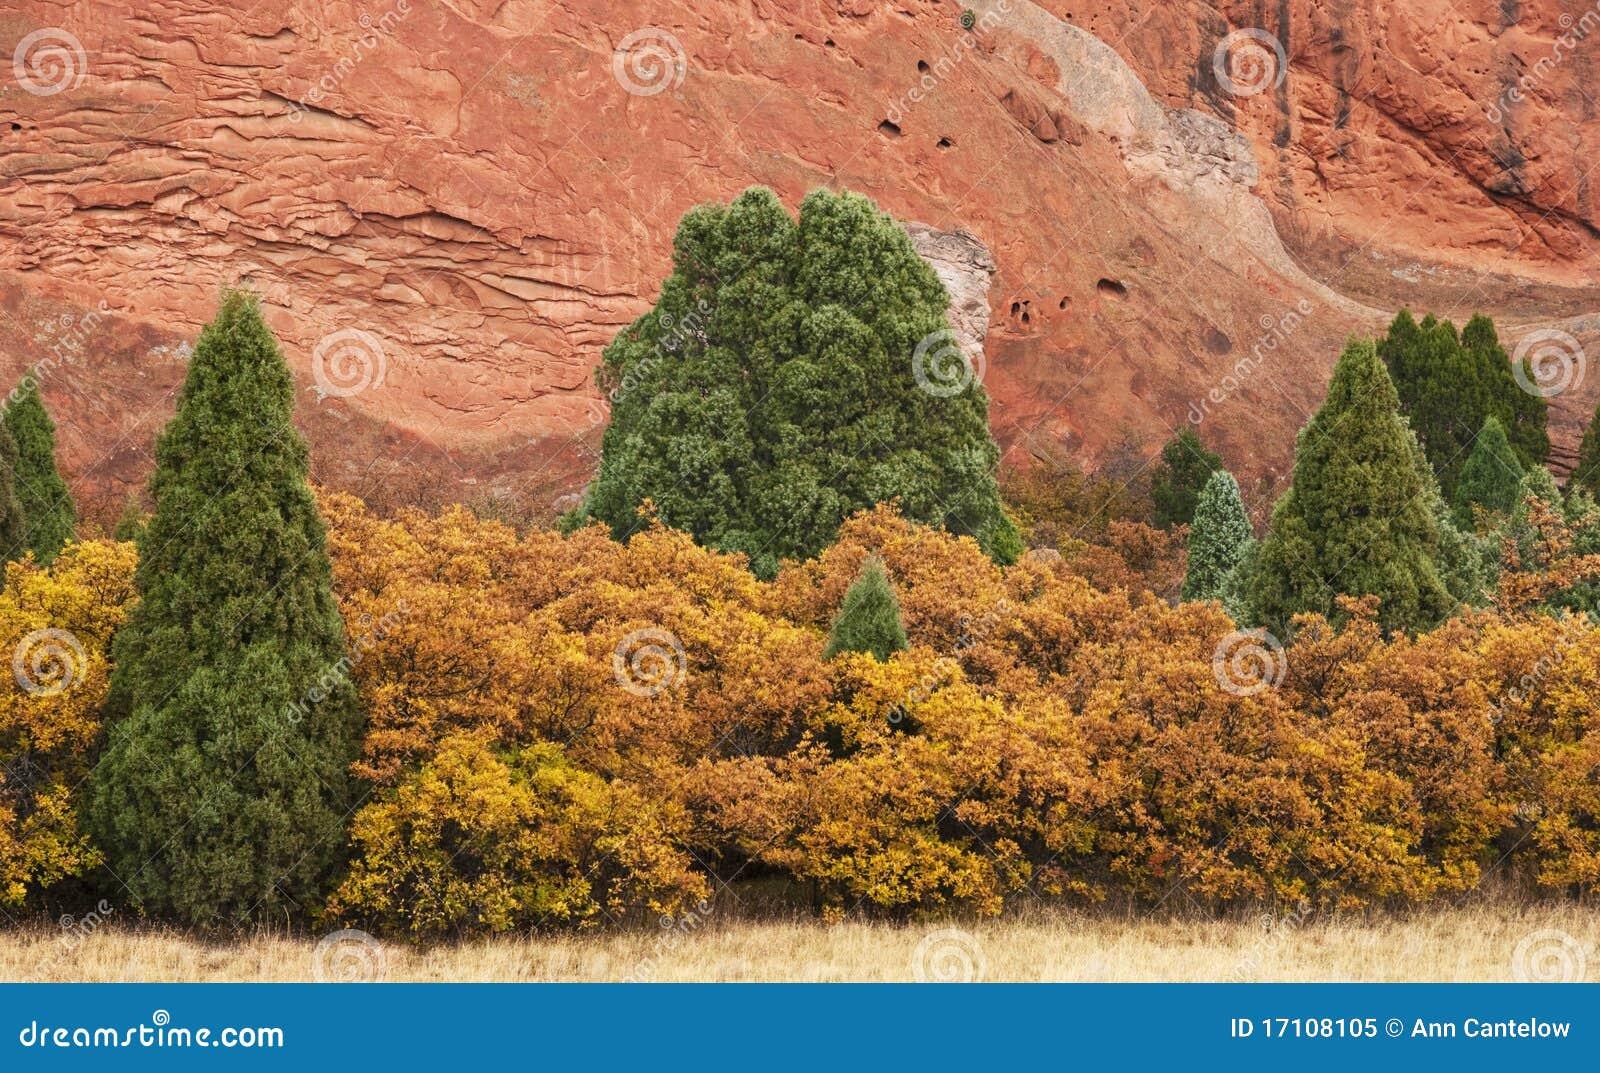 Ginepri e cespugli gialli con la roccia rossa fotografia for Cespugli giardino